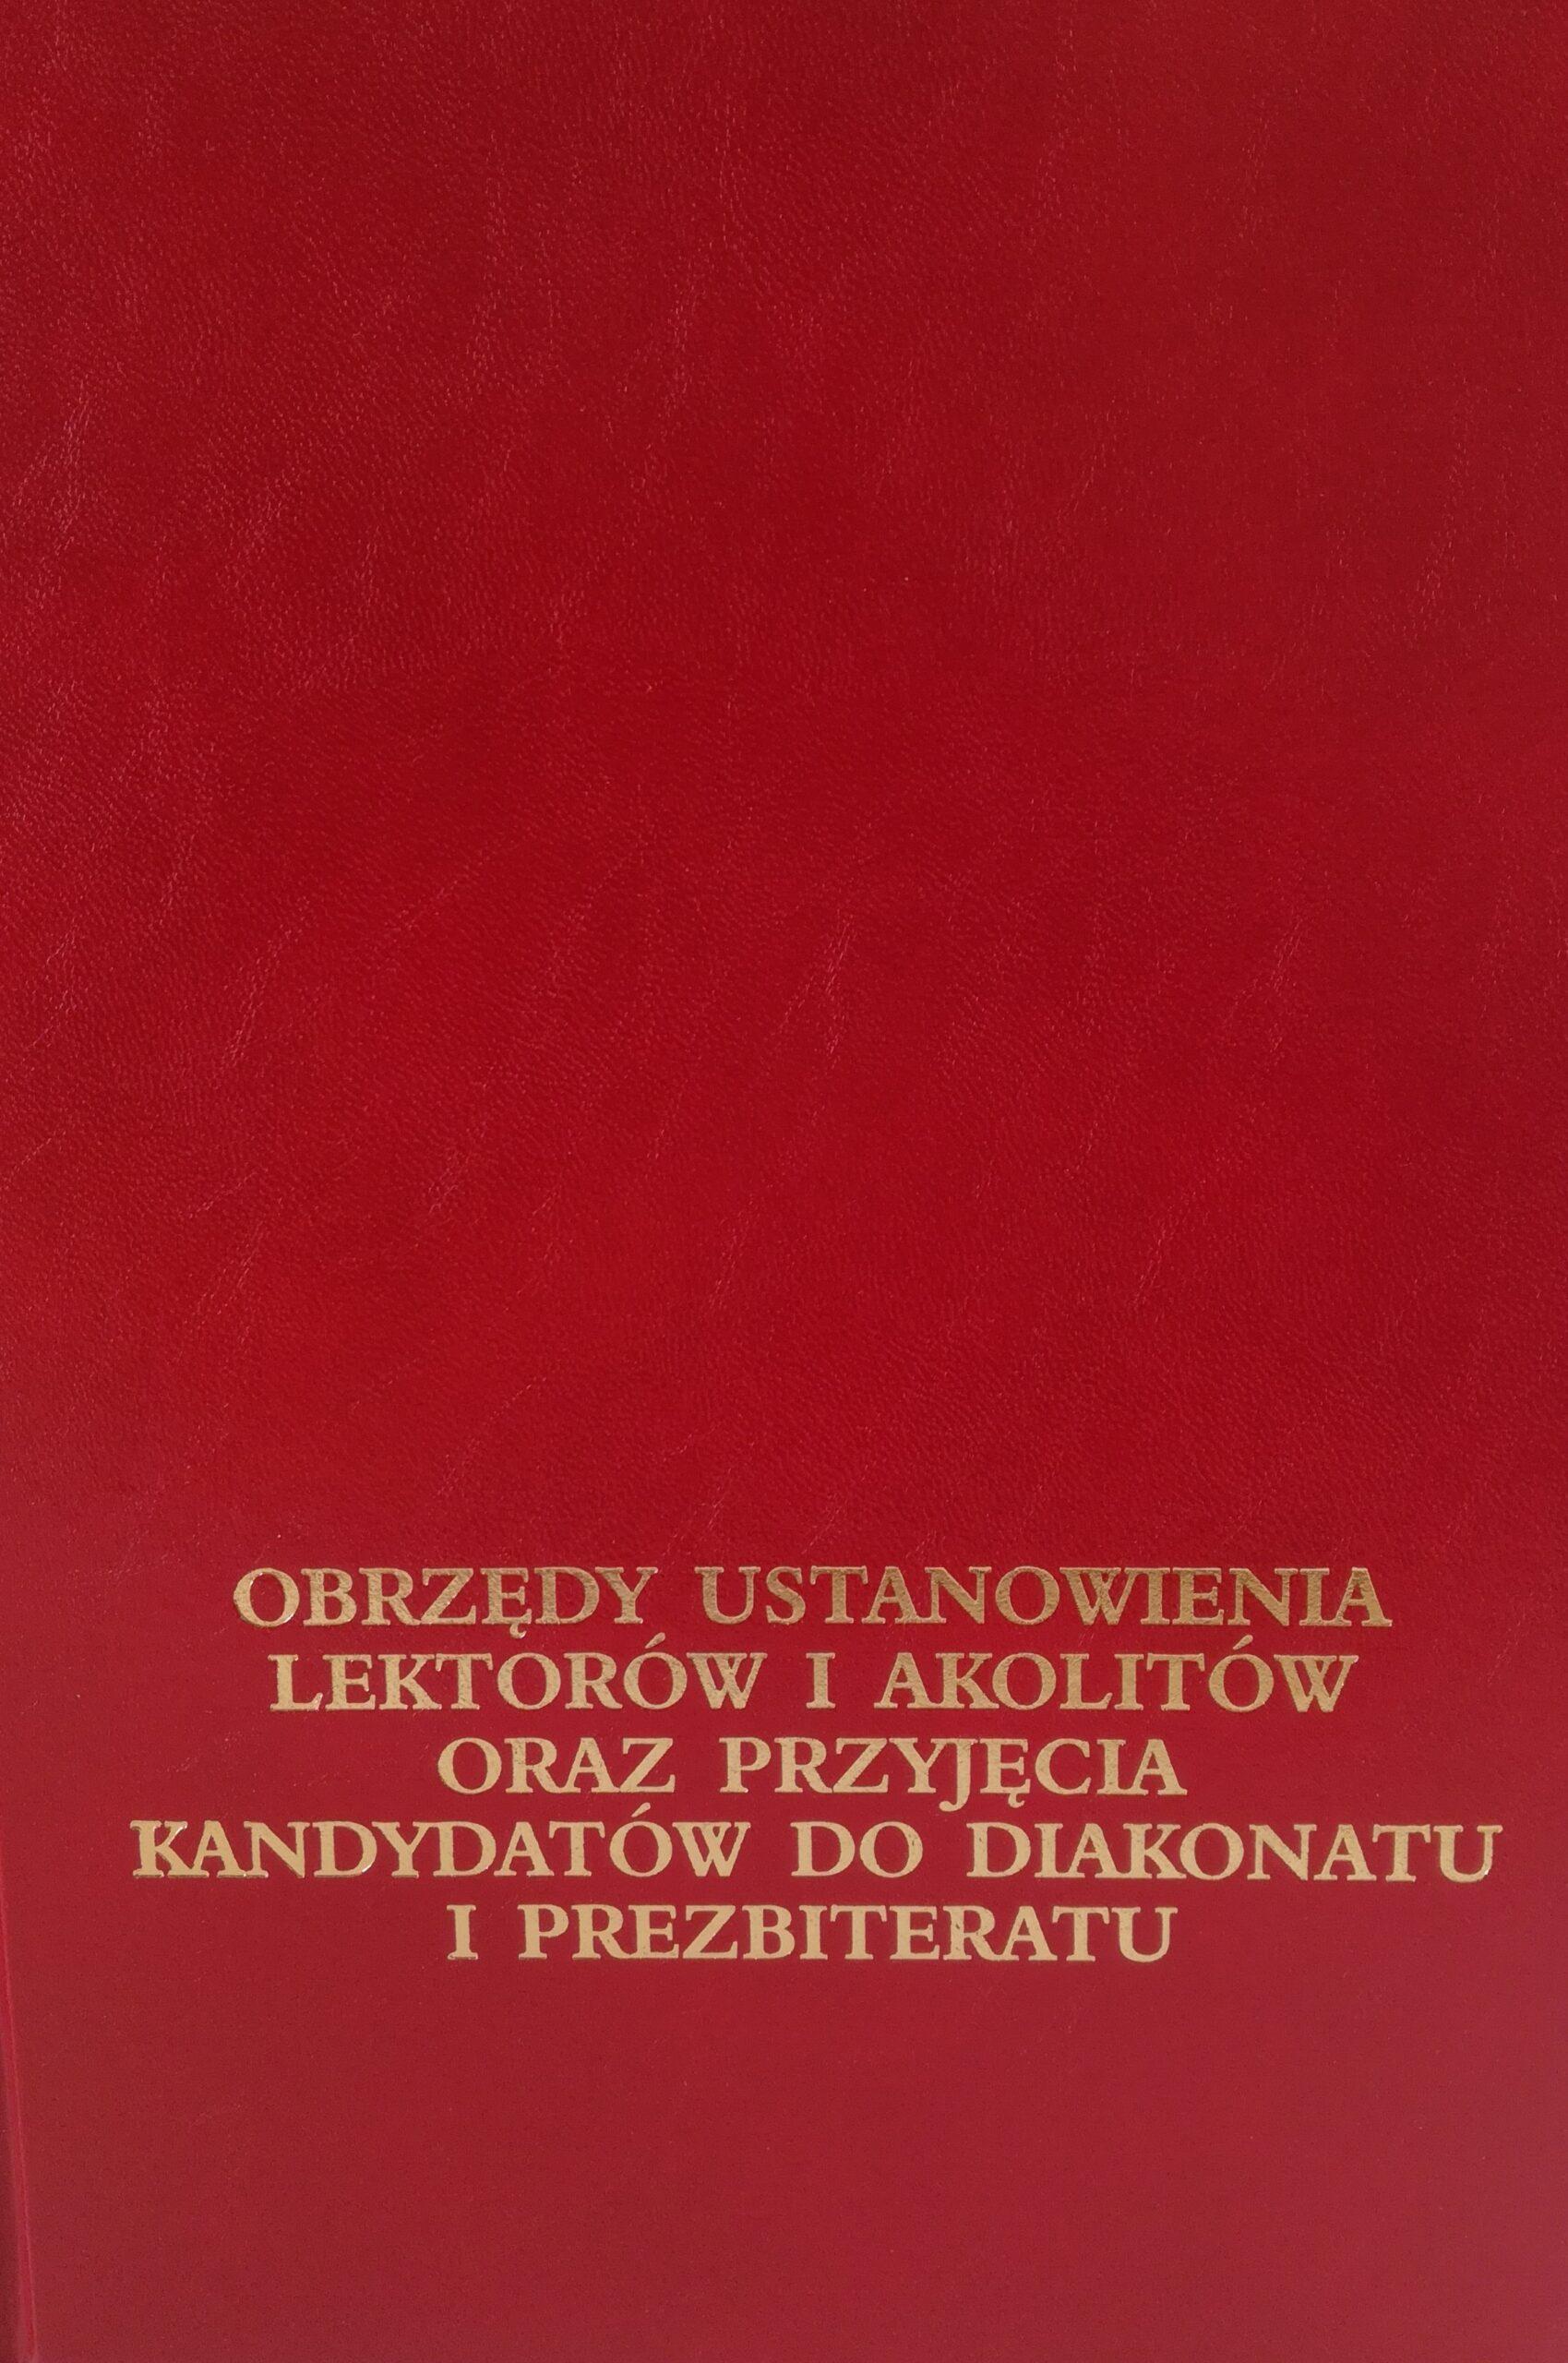 Obrzędy ustanowienia lektorów i akolitów oraz przyjęcia kandydatów do diakonatu i prezbiteratu